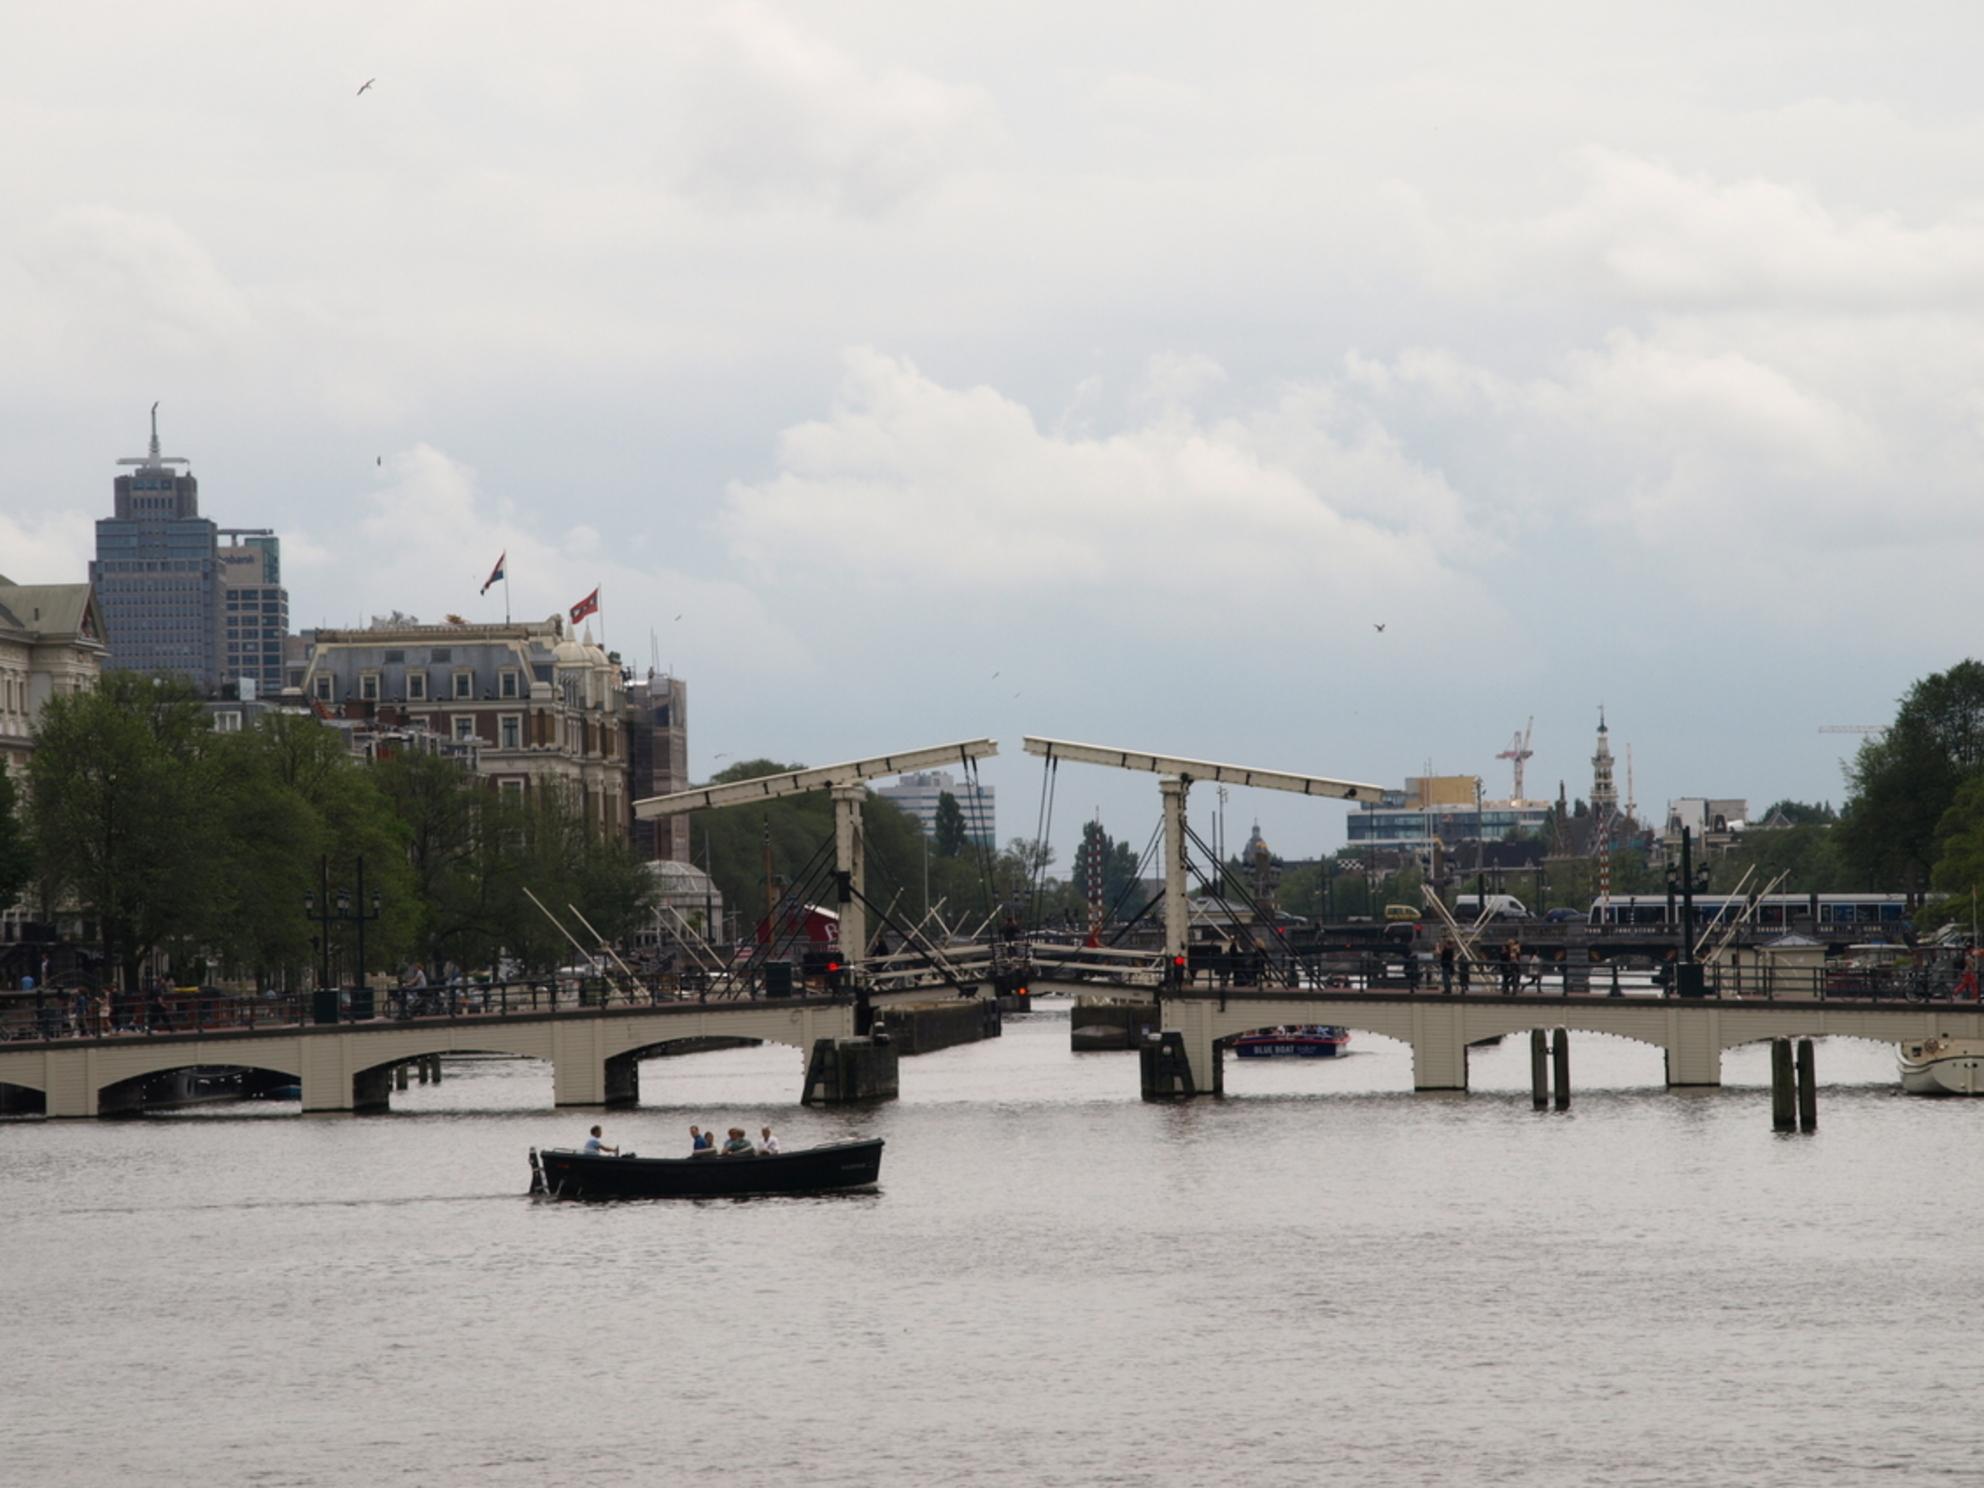 gracht AMSTERDAM - MOOI AMSTERDAM - foto door Gooiseroos op 12-07-2017 - deze foto bevat: wolken, mensen, amsterdam, kleur, abstract, water, boot, beeld, reizen, gracht, bruggen, voertuig, beweging, straatfotografie, varen, details - Deze foto mag gebruikt worden in een Zoom.nl publicatie